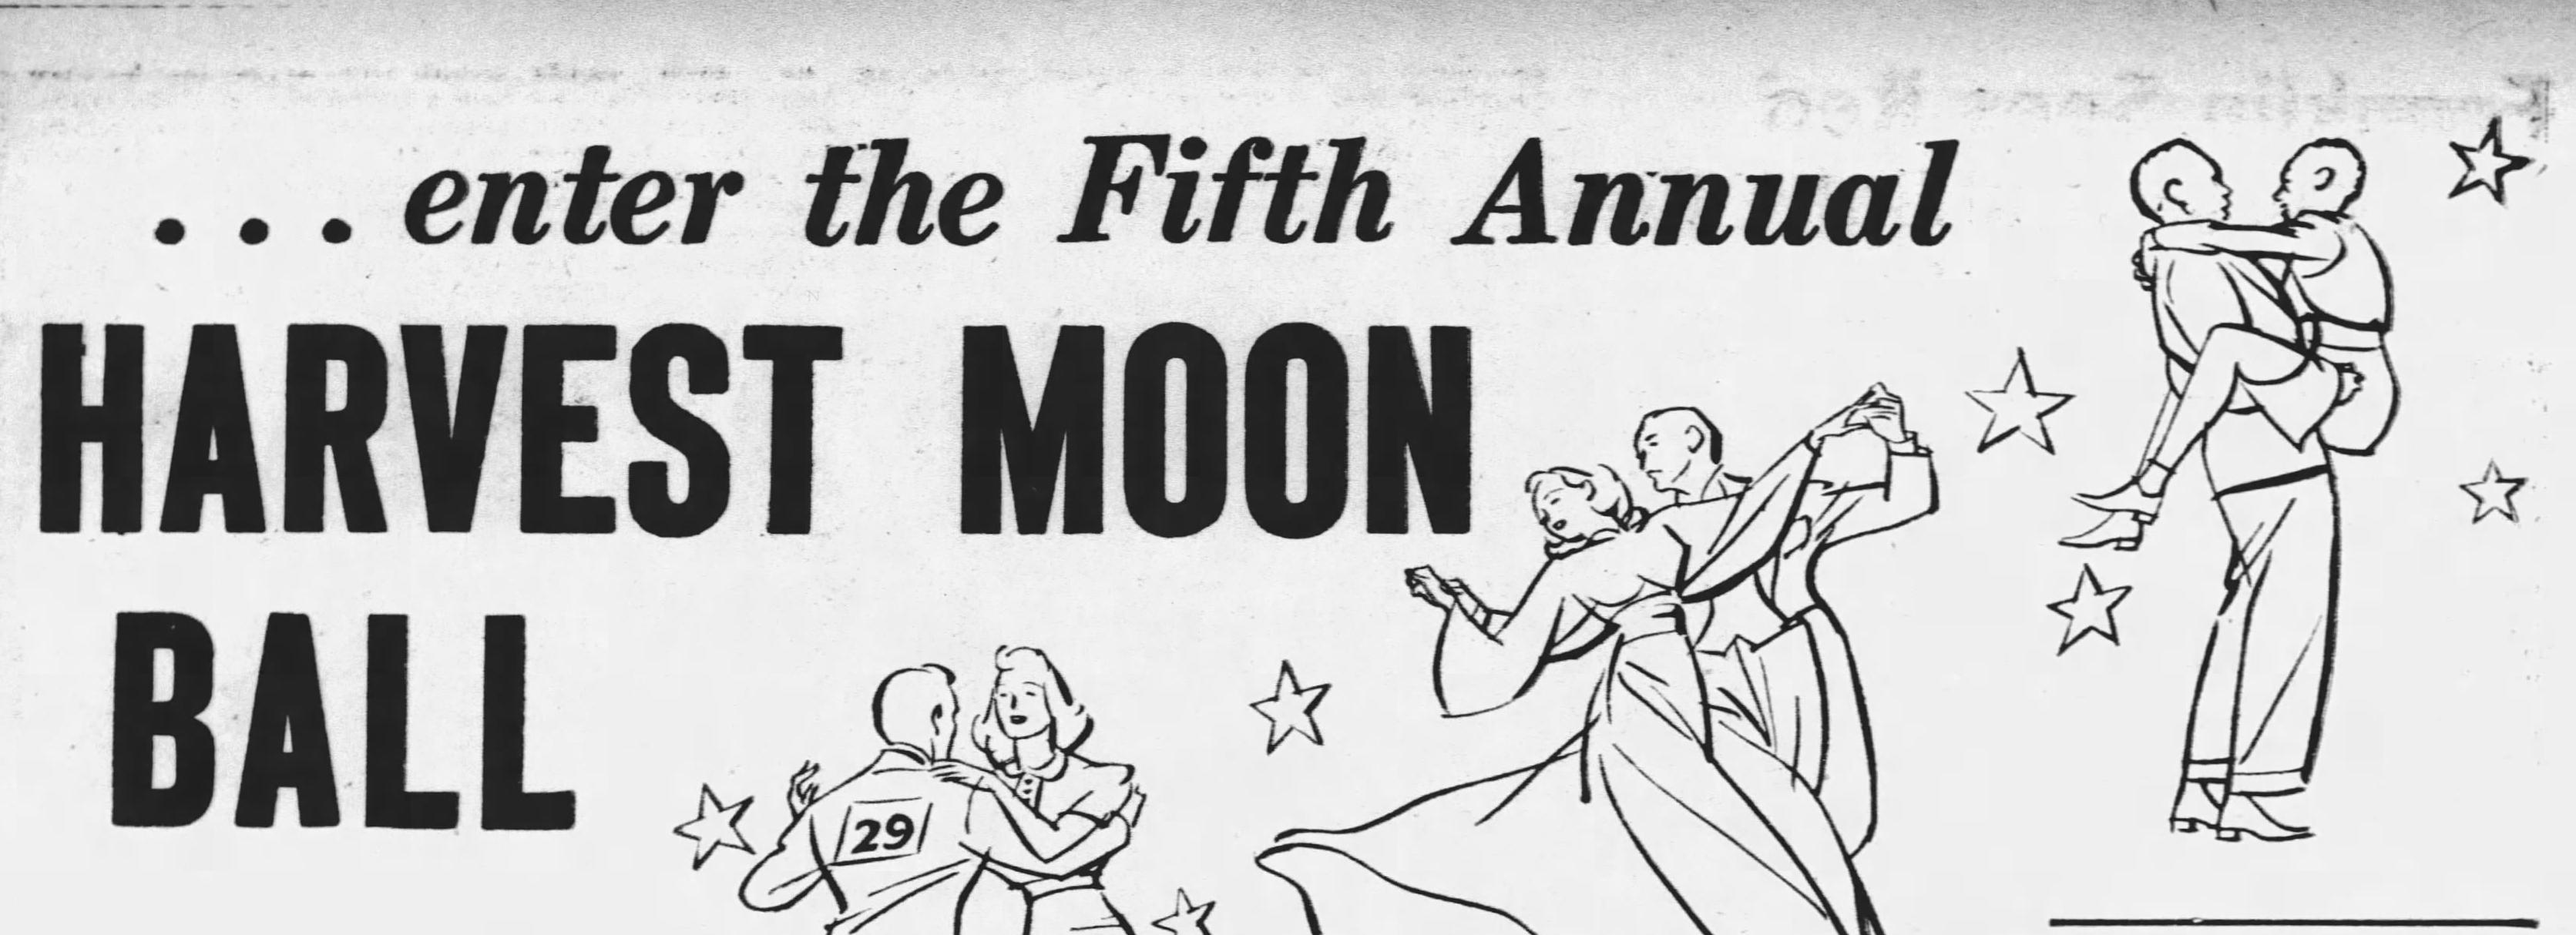 Daily_News_Sun__Jul_16__1939_